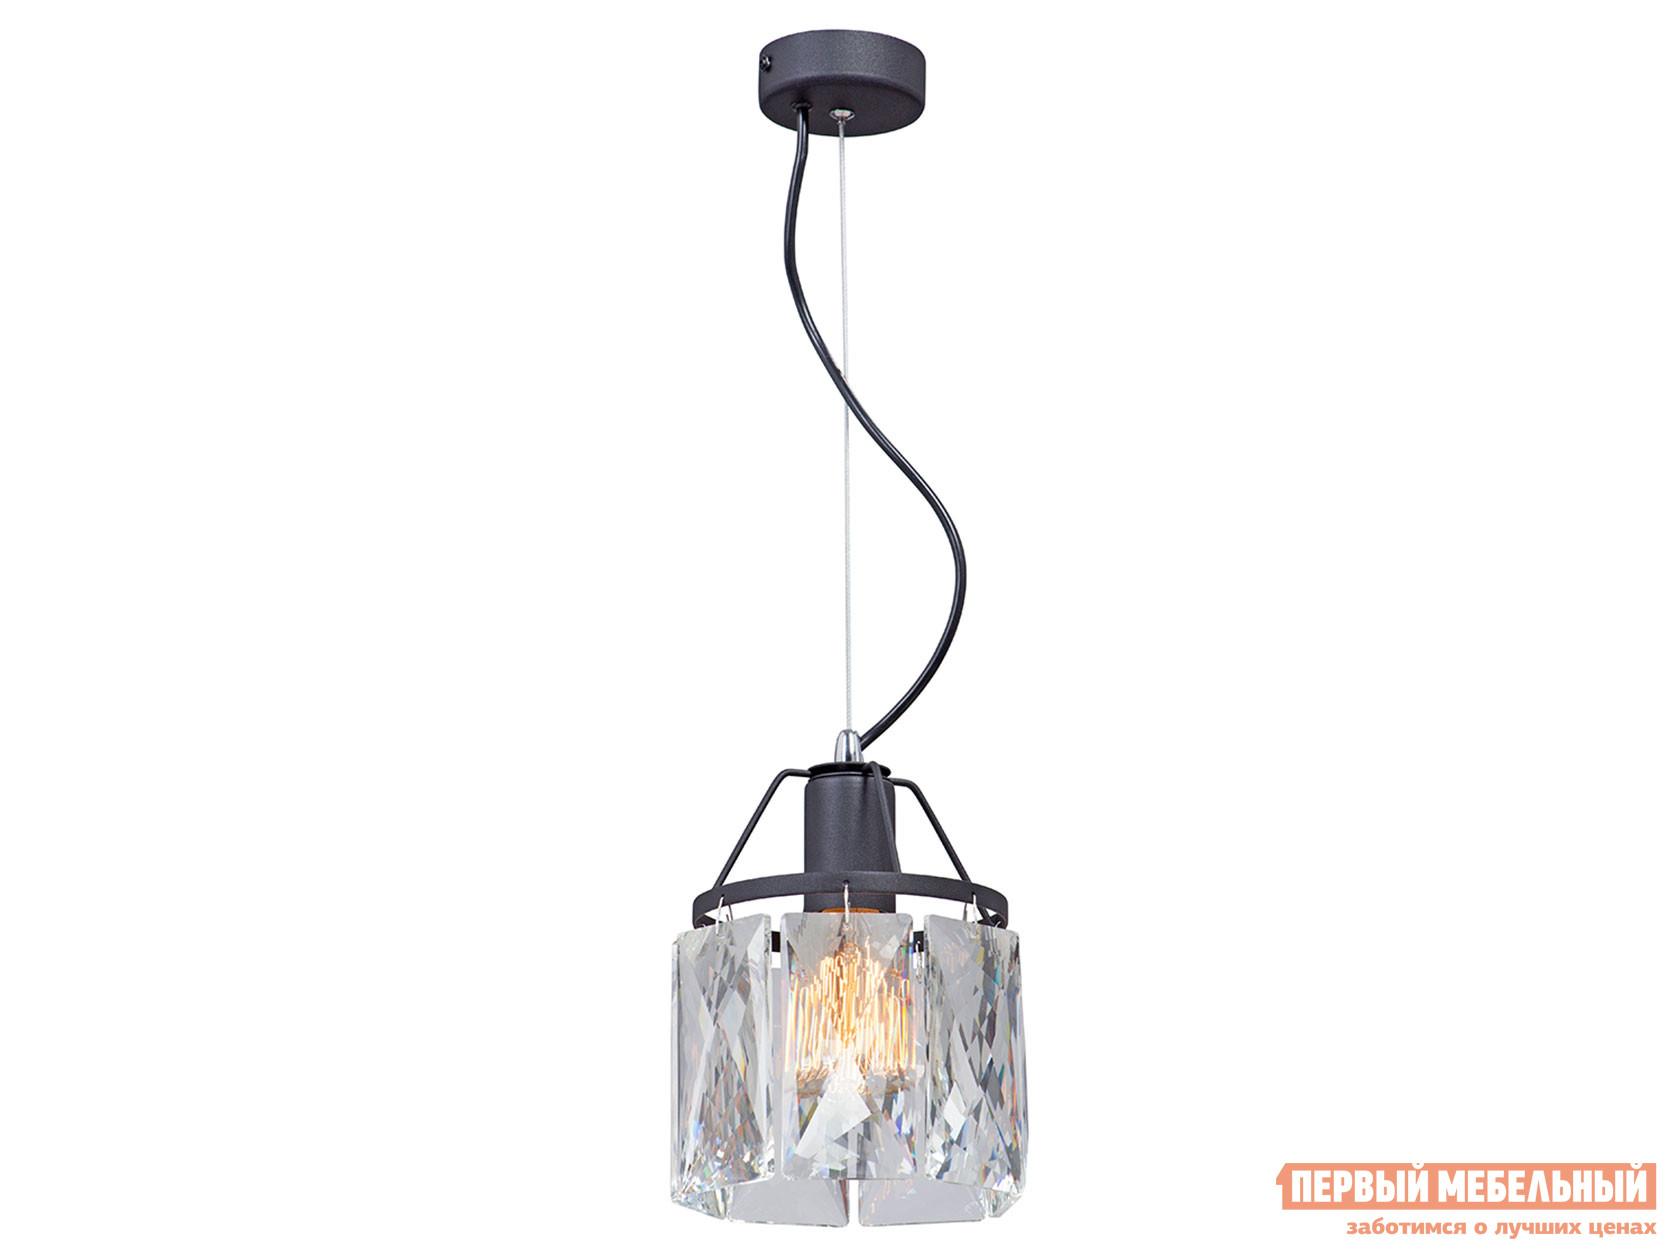 Подвесной светильник КСК-электро Люстра V5289-1/1S, Люстра V5289-9/1S